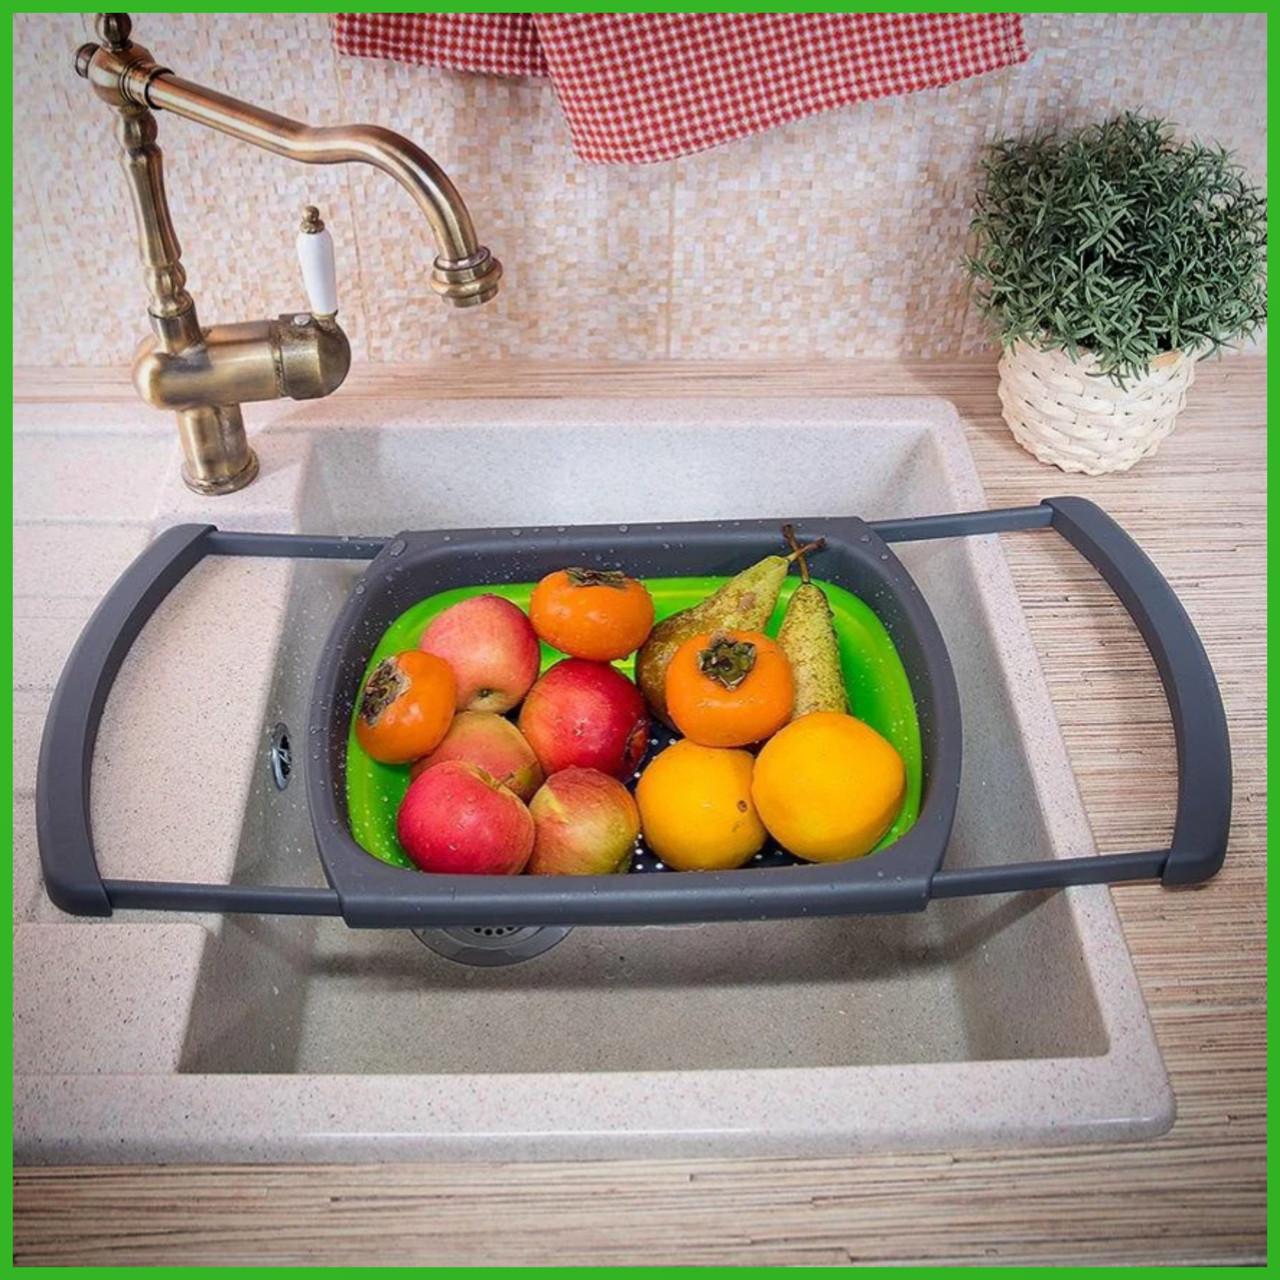 Универсальный большой кухонный силиконовый складной дуршлаг с ручками  Leach basket (W80) Ситечко для кухни